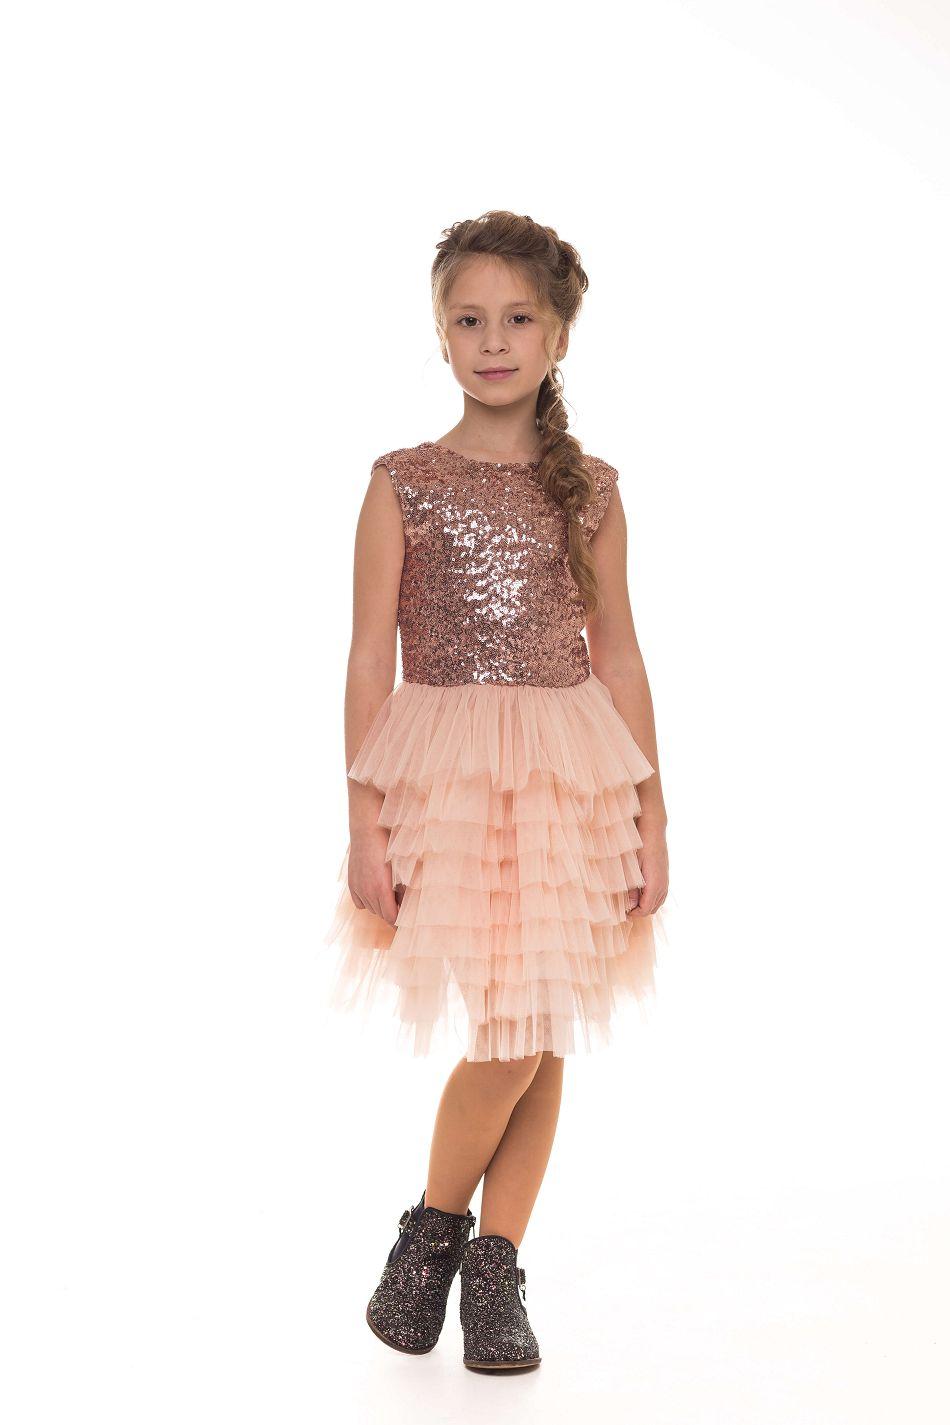 Нарядные платья на девочек с блестками